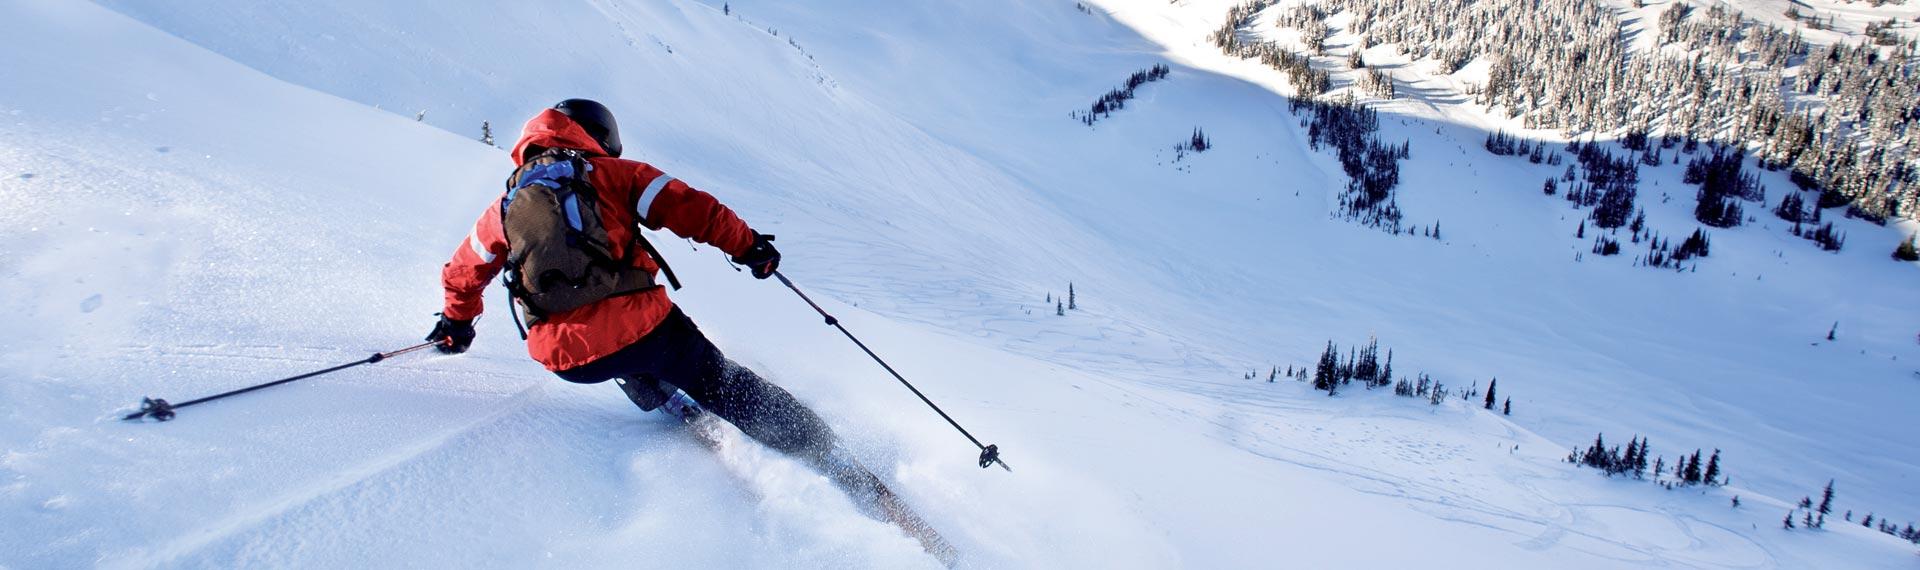 Vacances d'hiver au Ski - Savoie - La Plagne